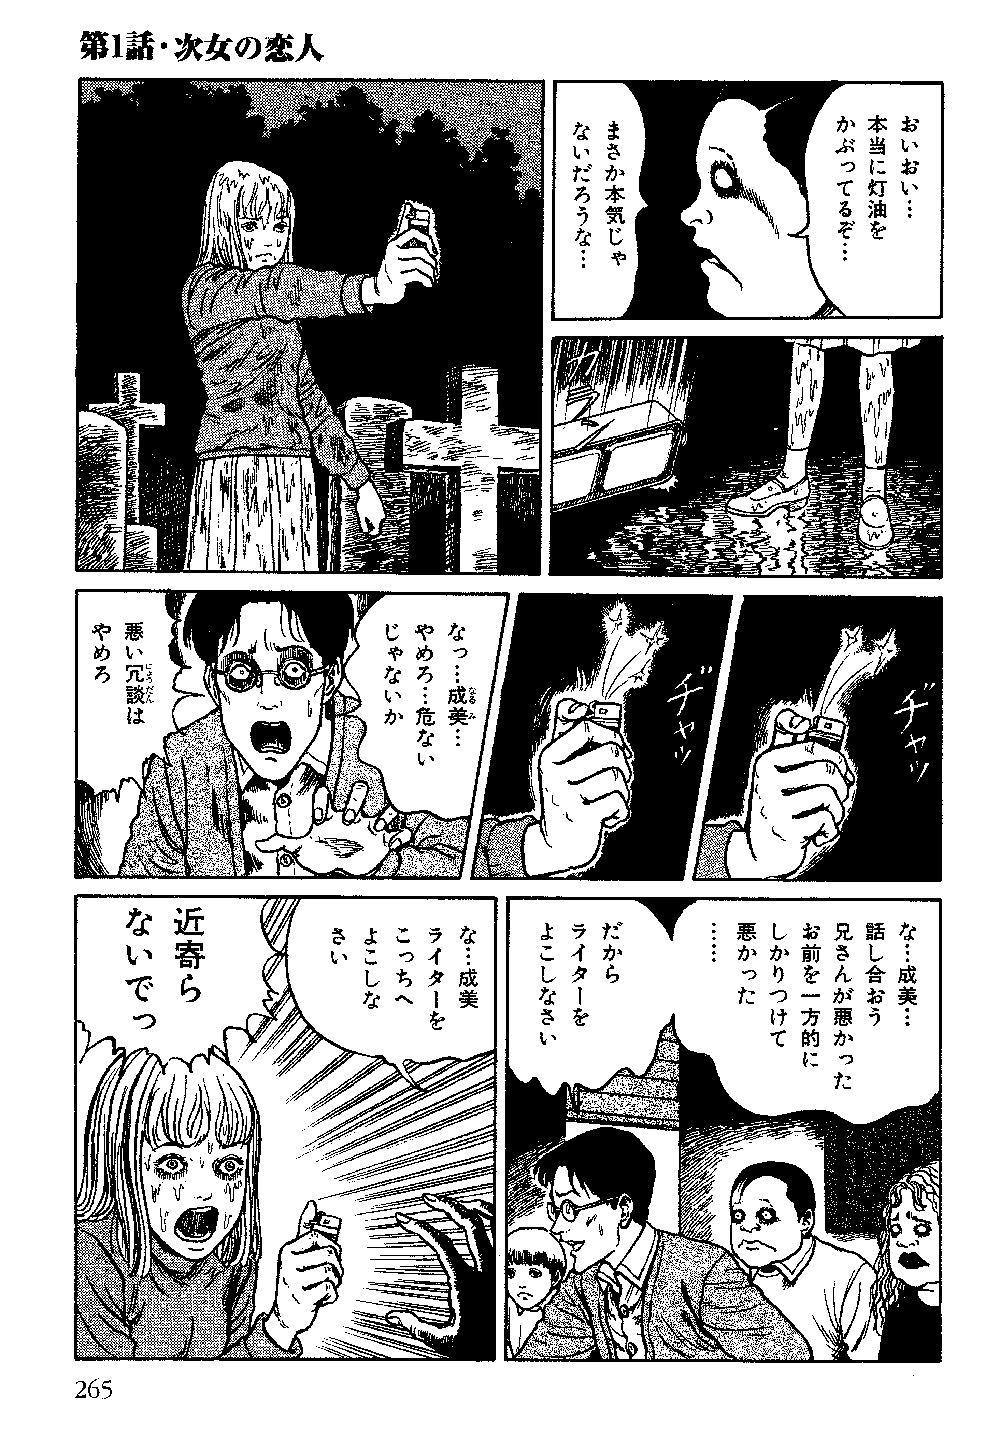 itouj_0004_0267.jpg